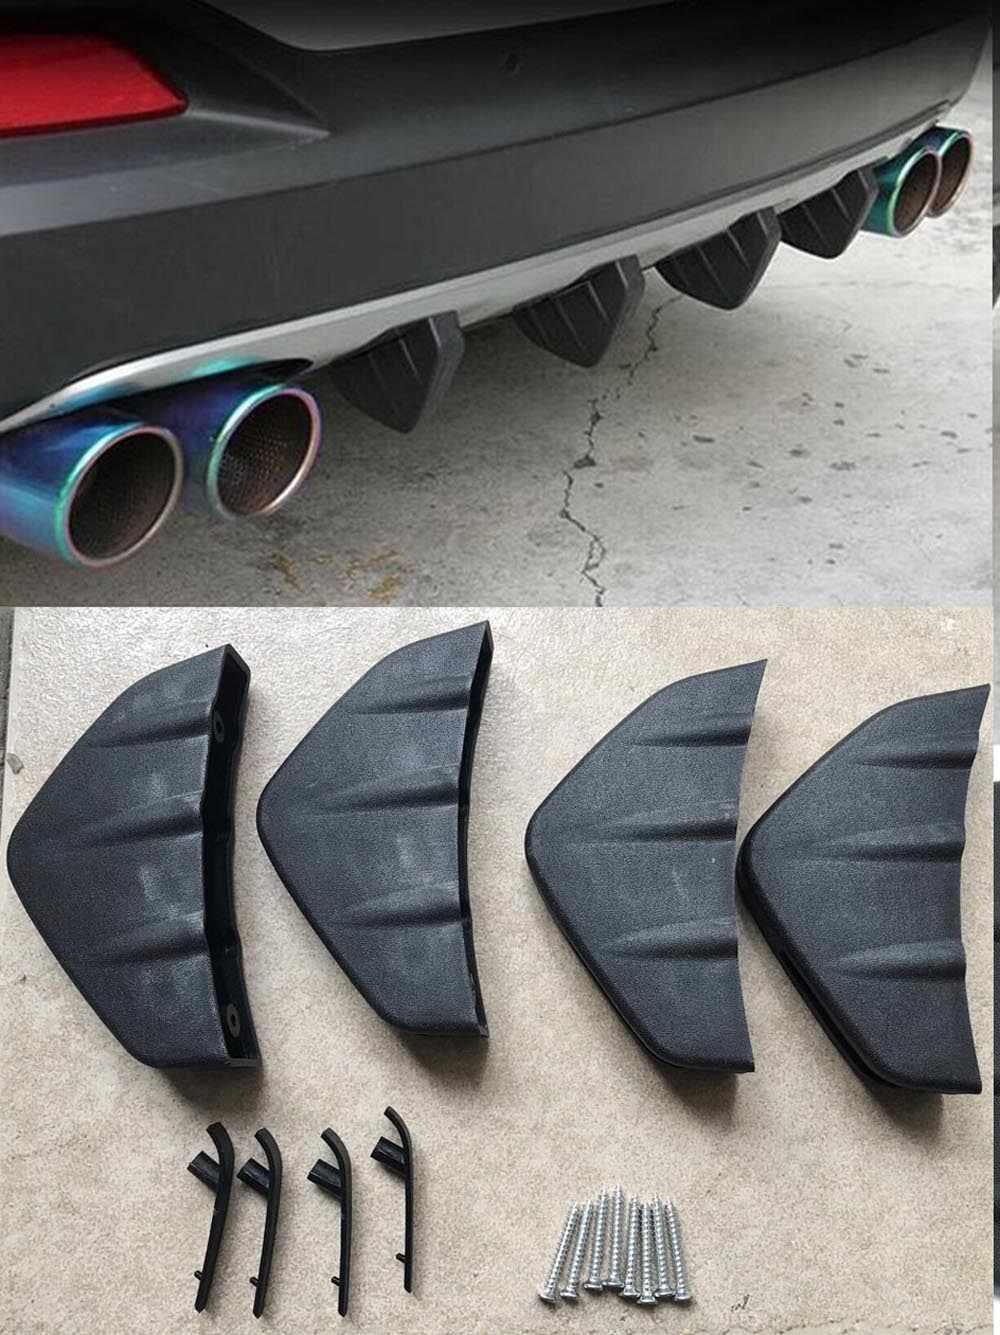 4pc ユニバーサル車のリアバンパーディフューザー成形ふかひスポイラープロテクターカバー